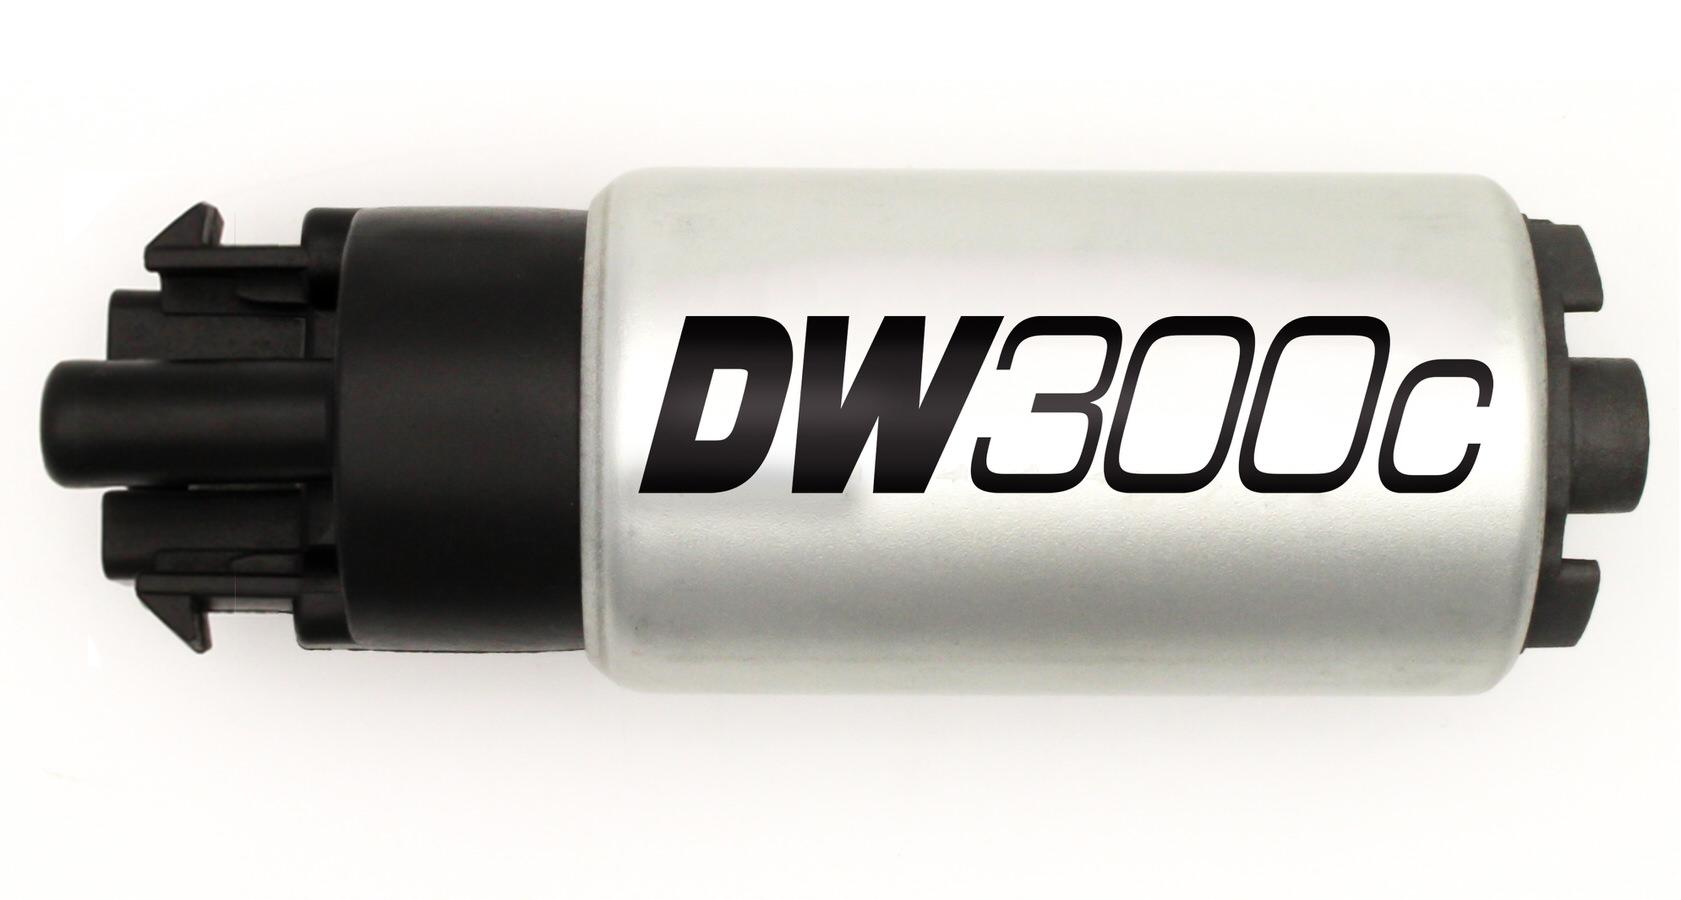 DEATSCHWERKS 340 lph DW300 Fuel Pump Kit P//N 9-301-1000